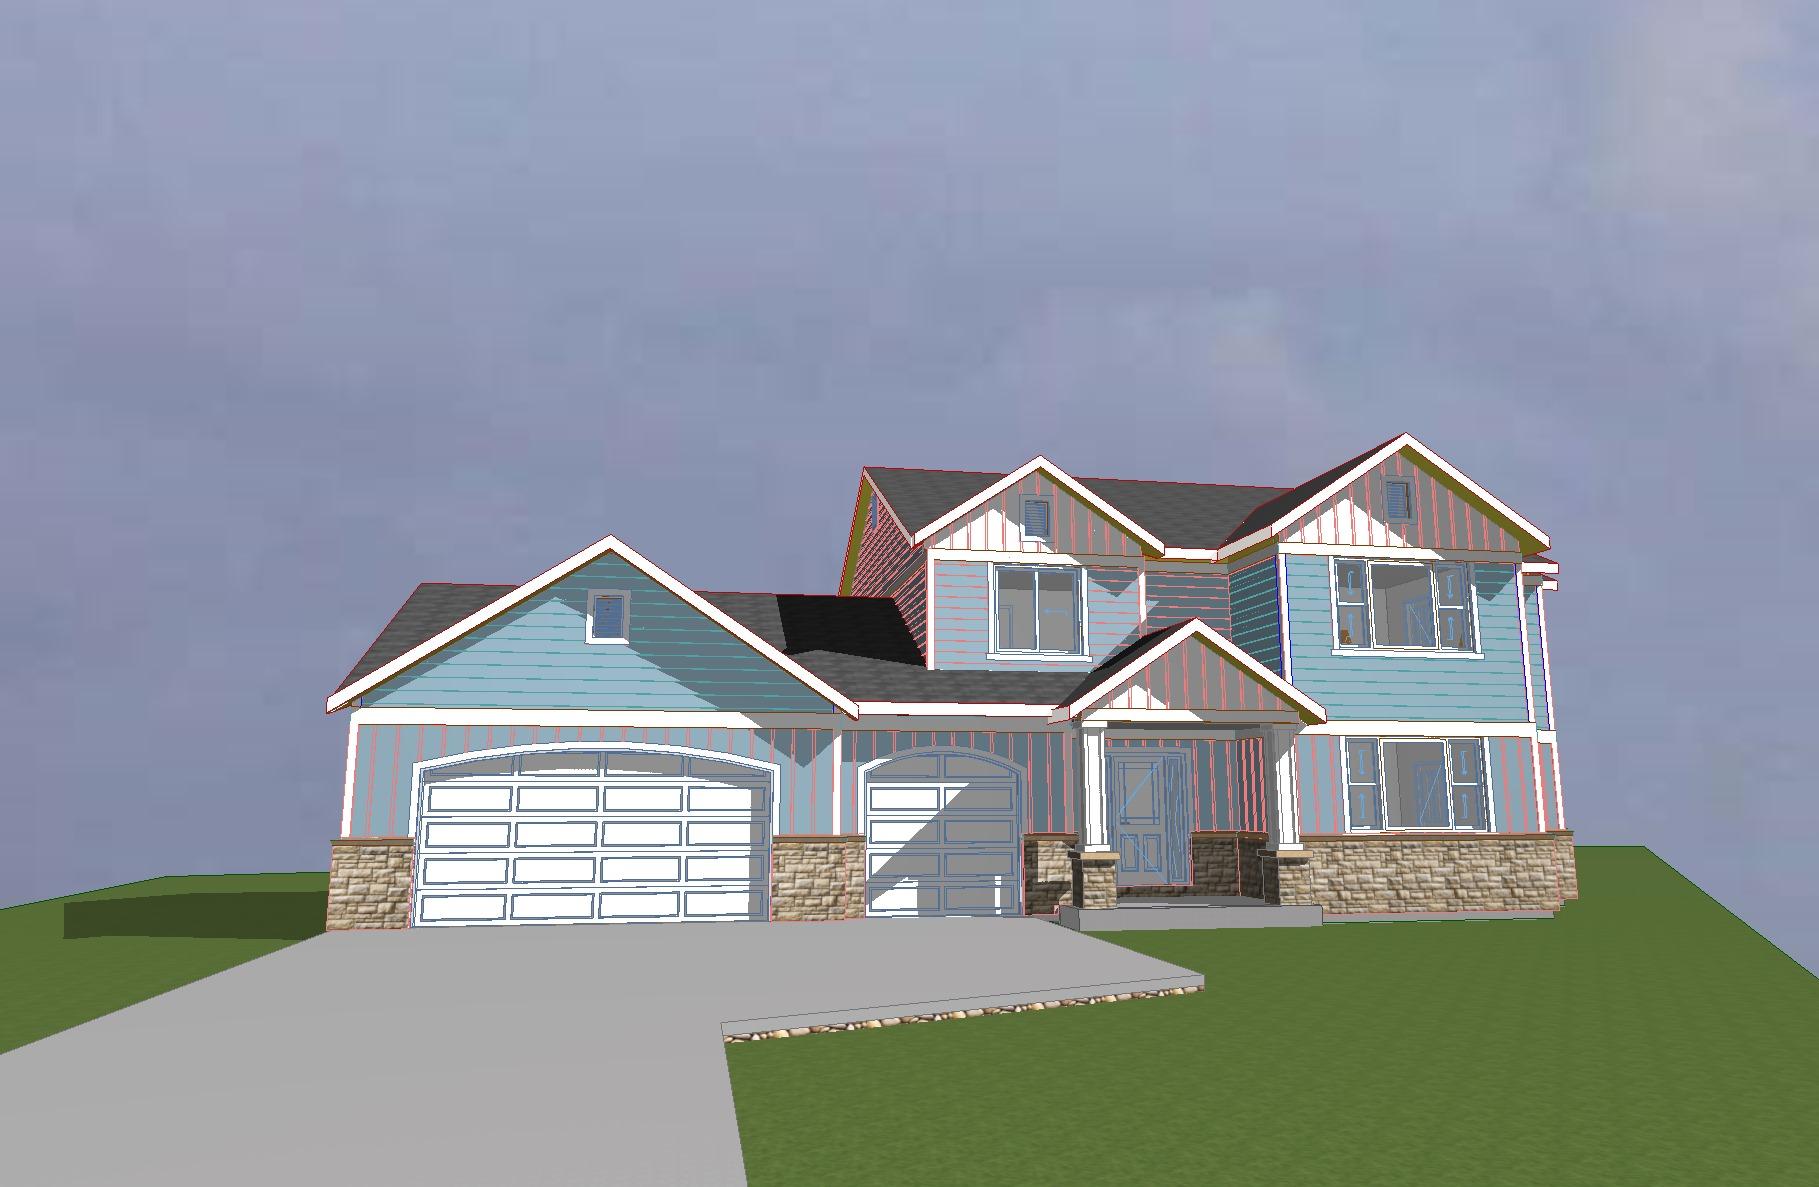 16025-CastleCreek-Mooresville-01.jpg